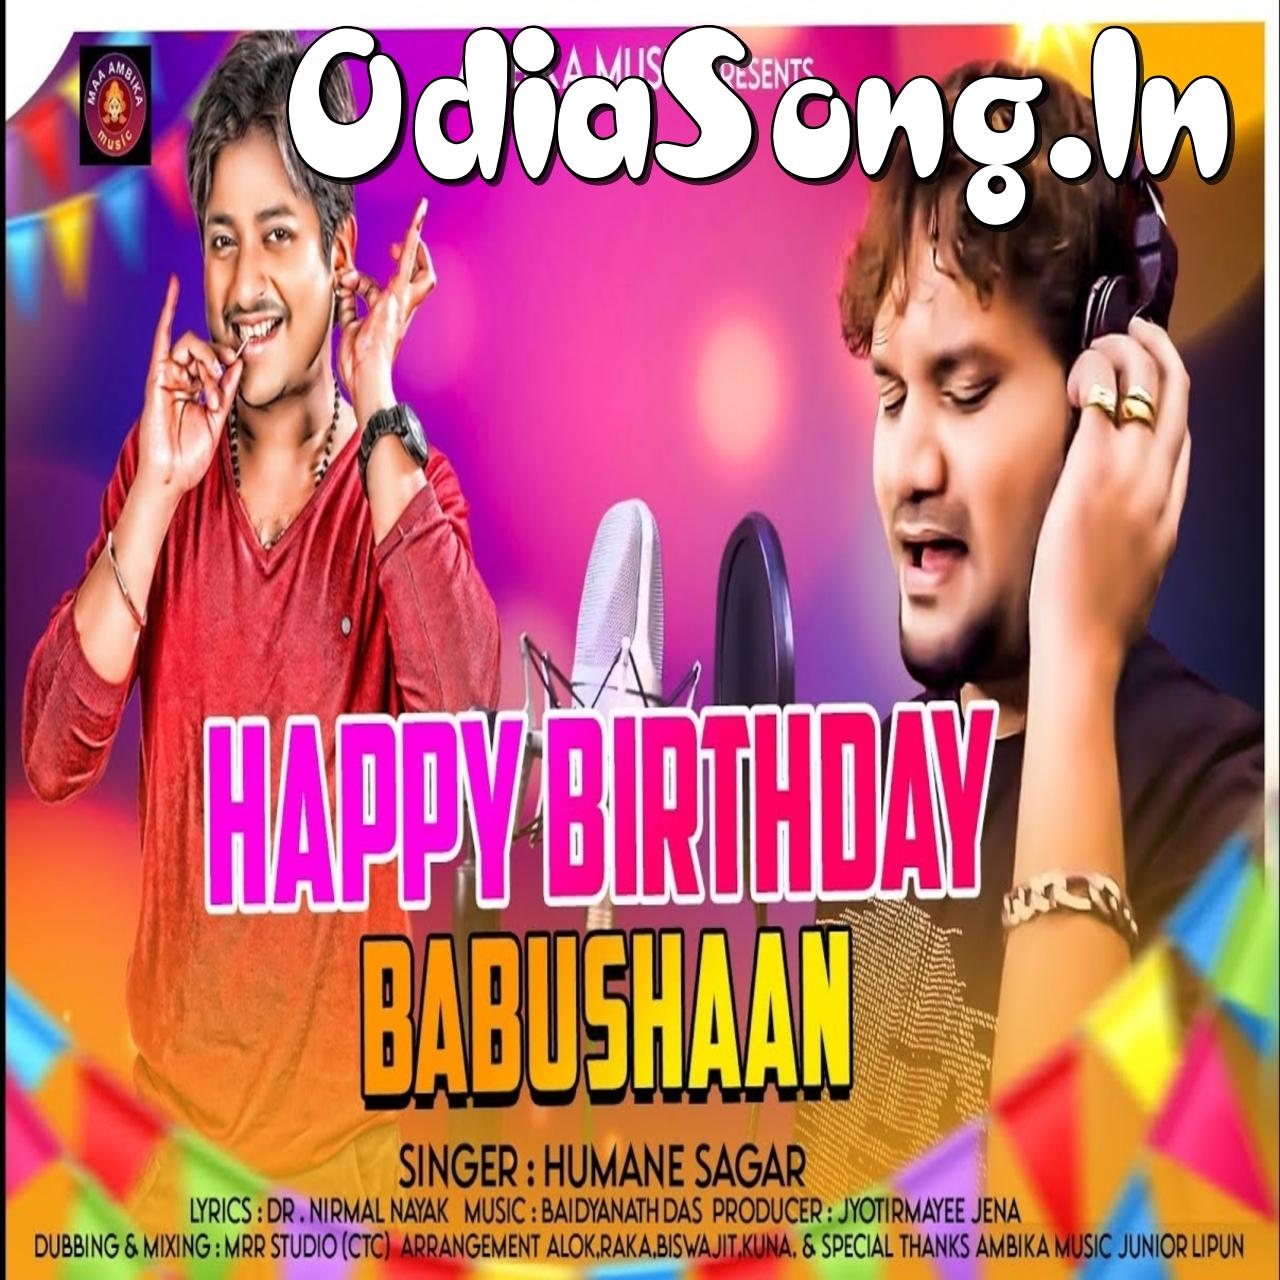 Happy Birthday Babushaan (Humane Sagar)